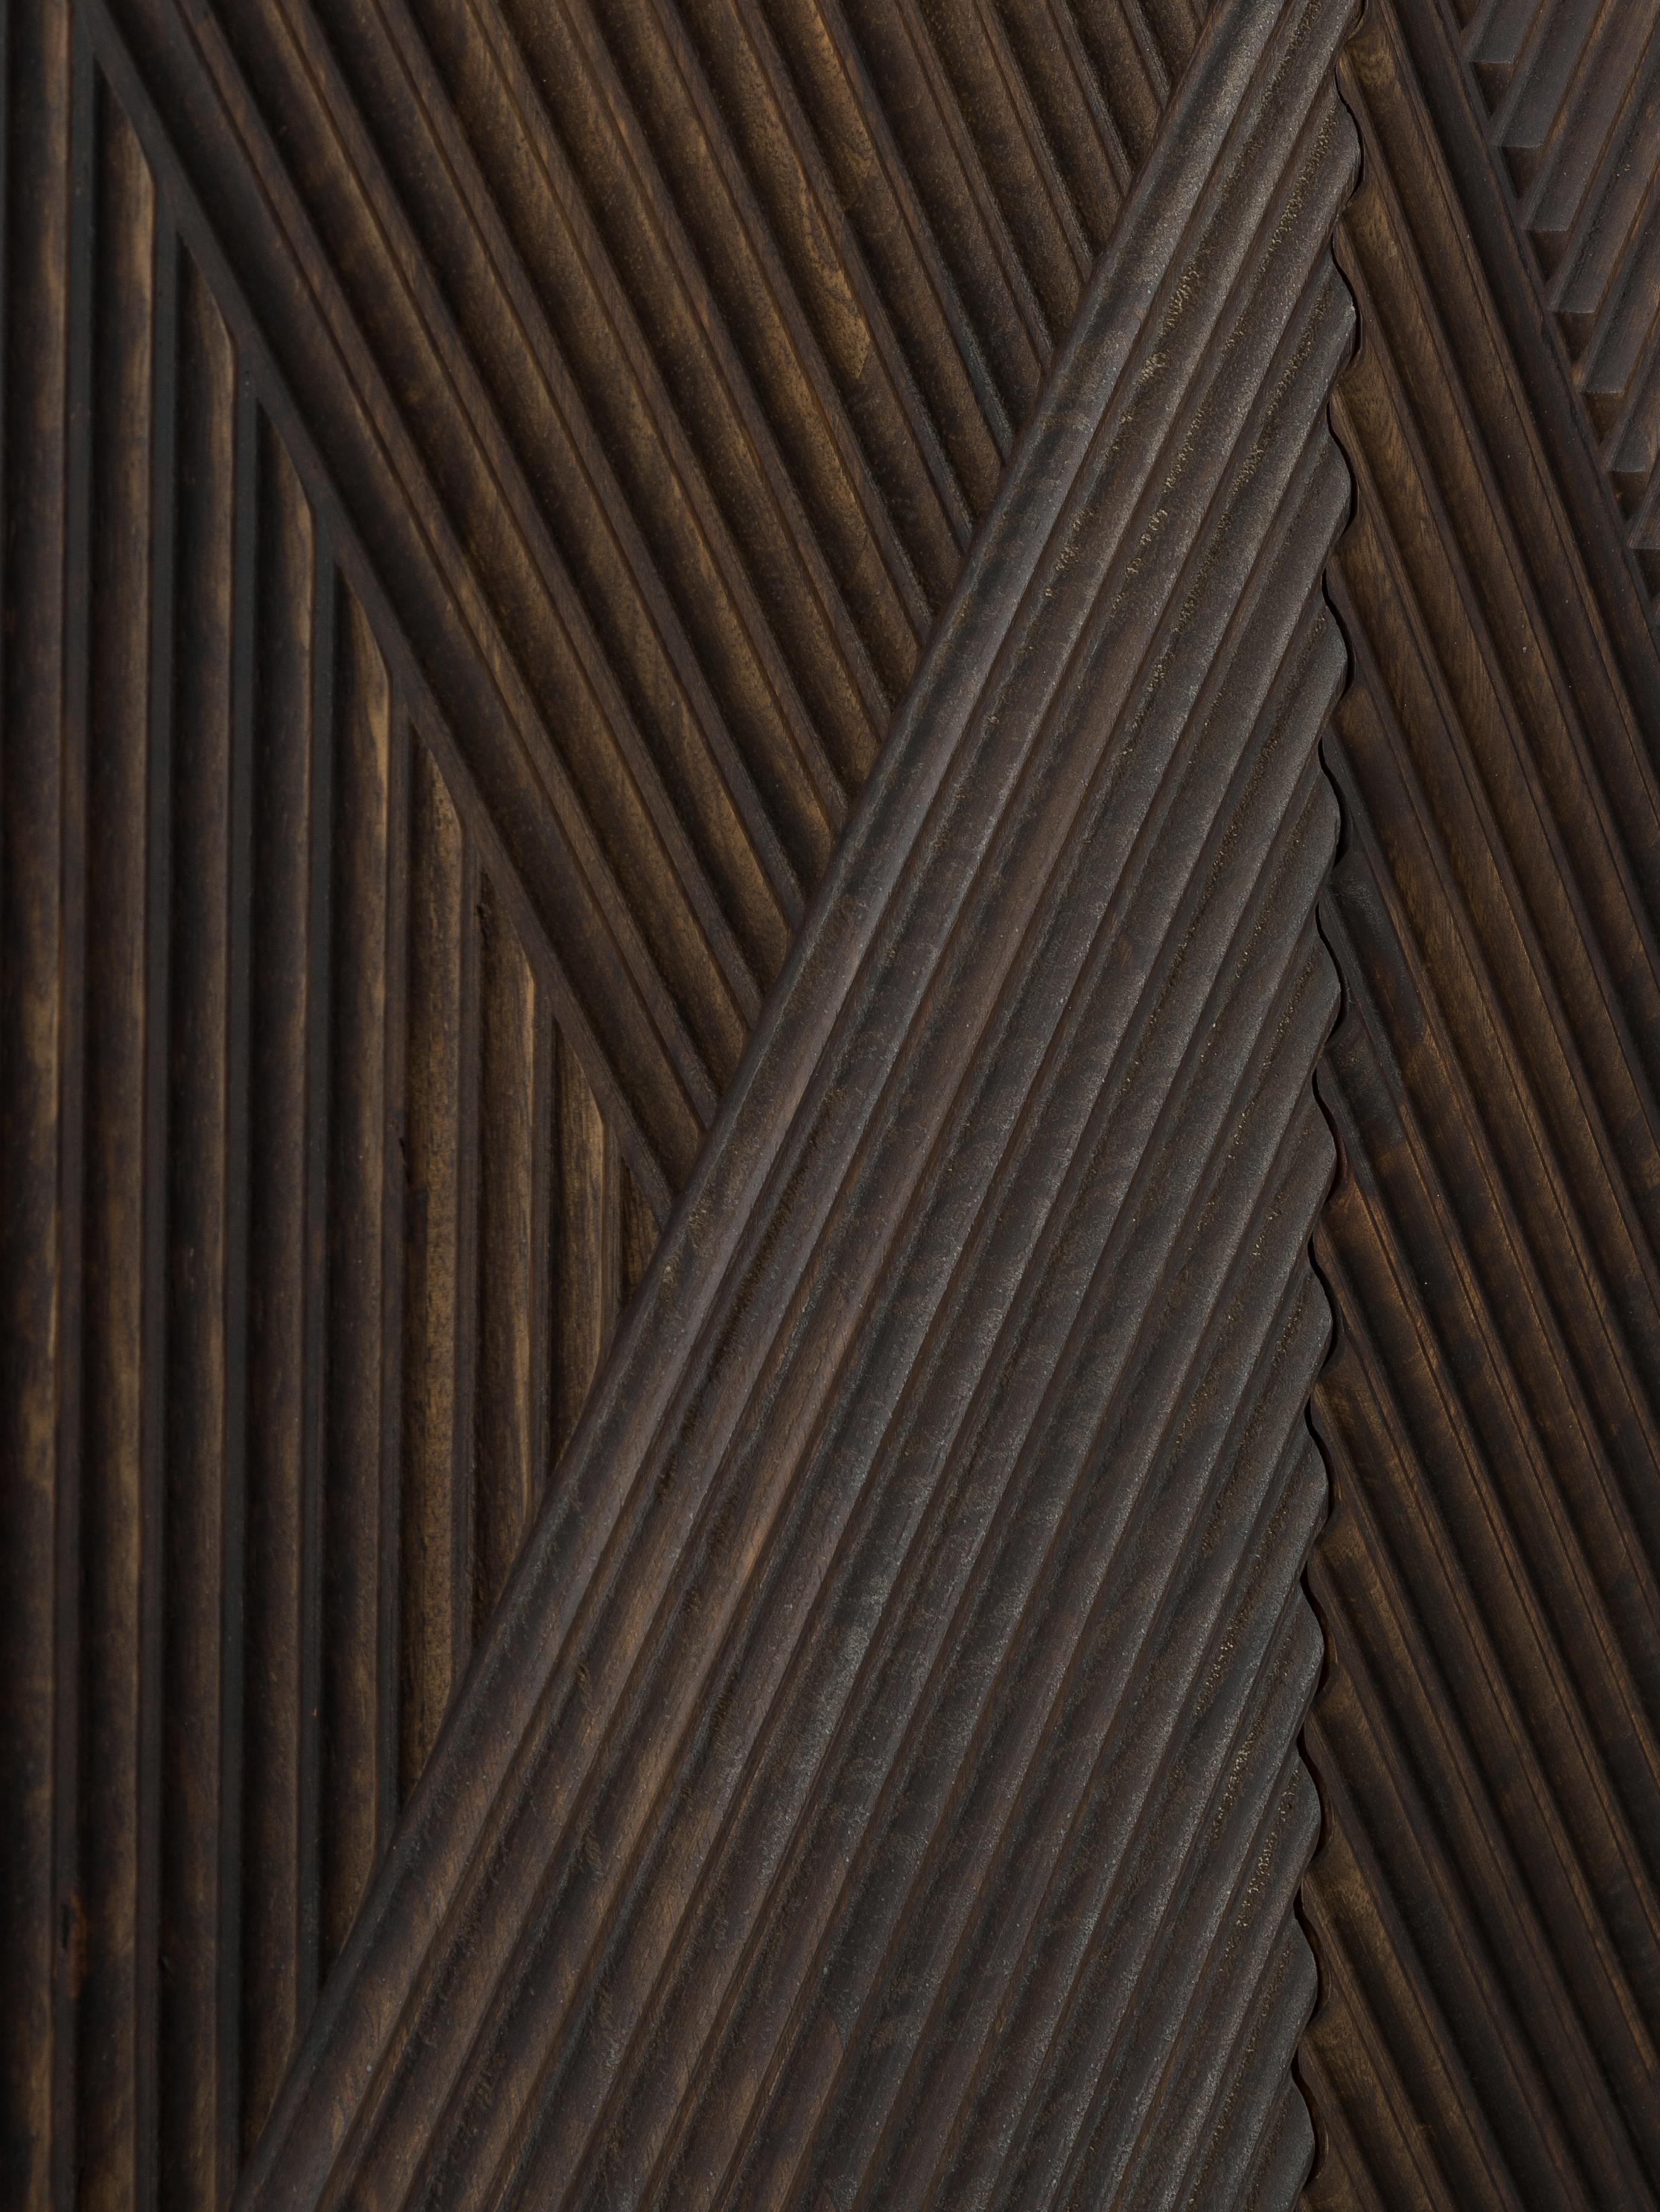 Credenza in legno massello di mango Louis, Legno massello di mango, Legno di mango verniciato, Larg. 177 x Alt. 75 cm